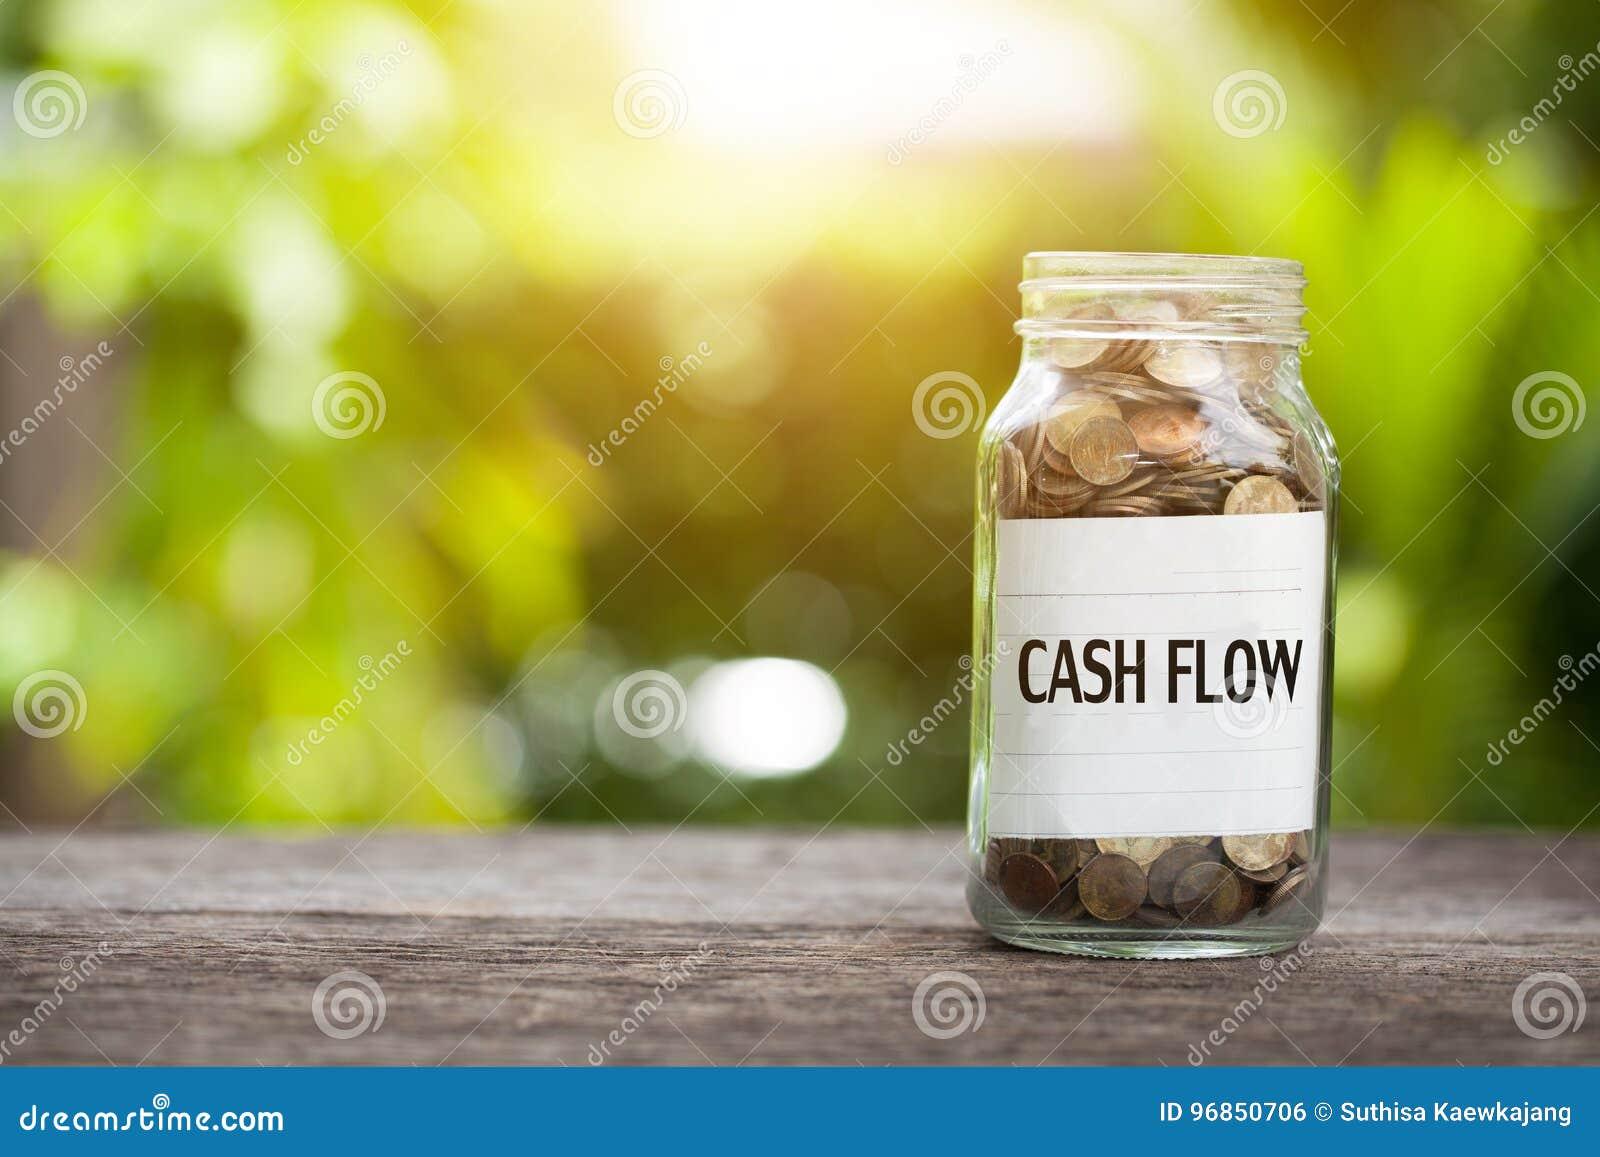 Palavra do fluxo de caixa com a moeda no frasco de vidro na tabela de madeira